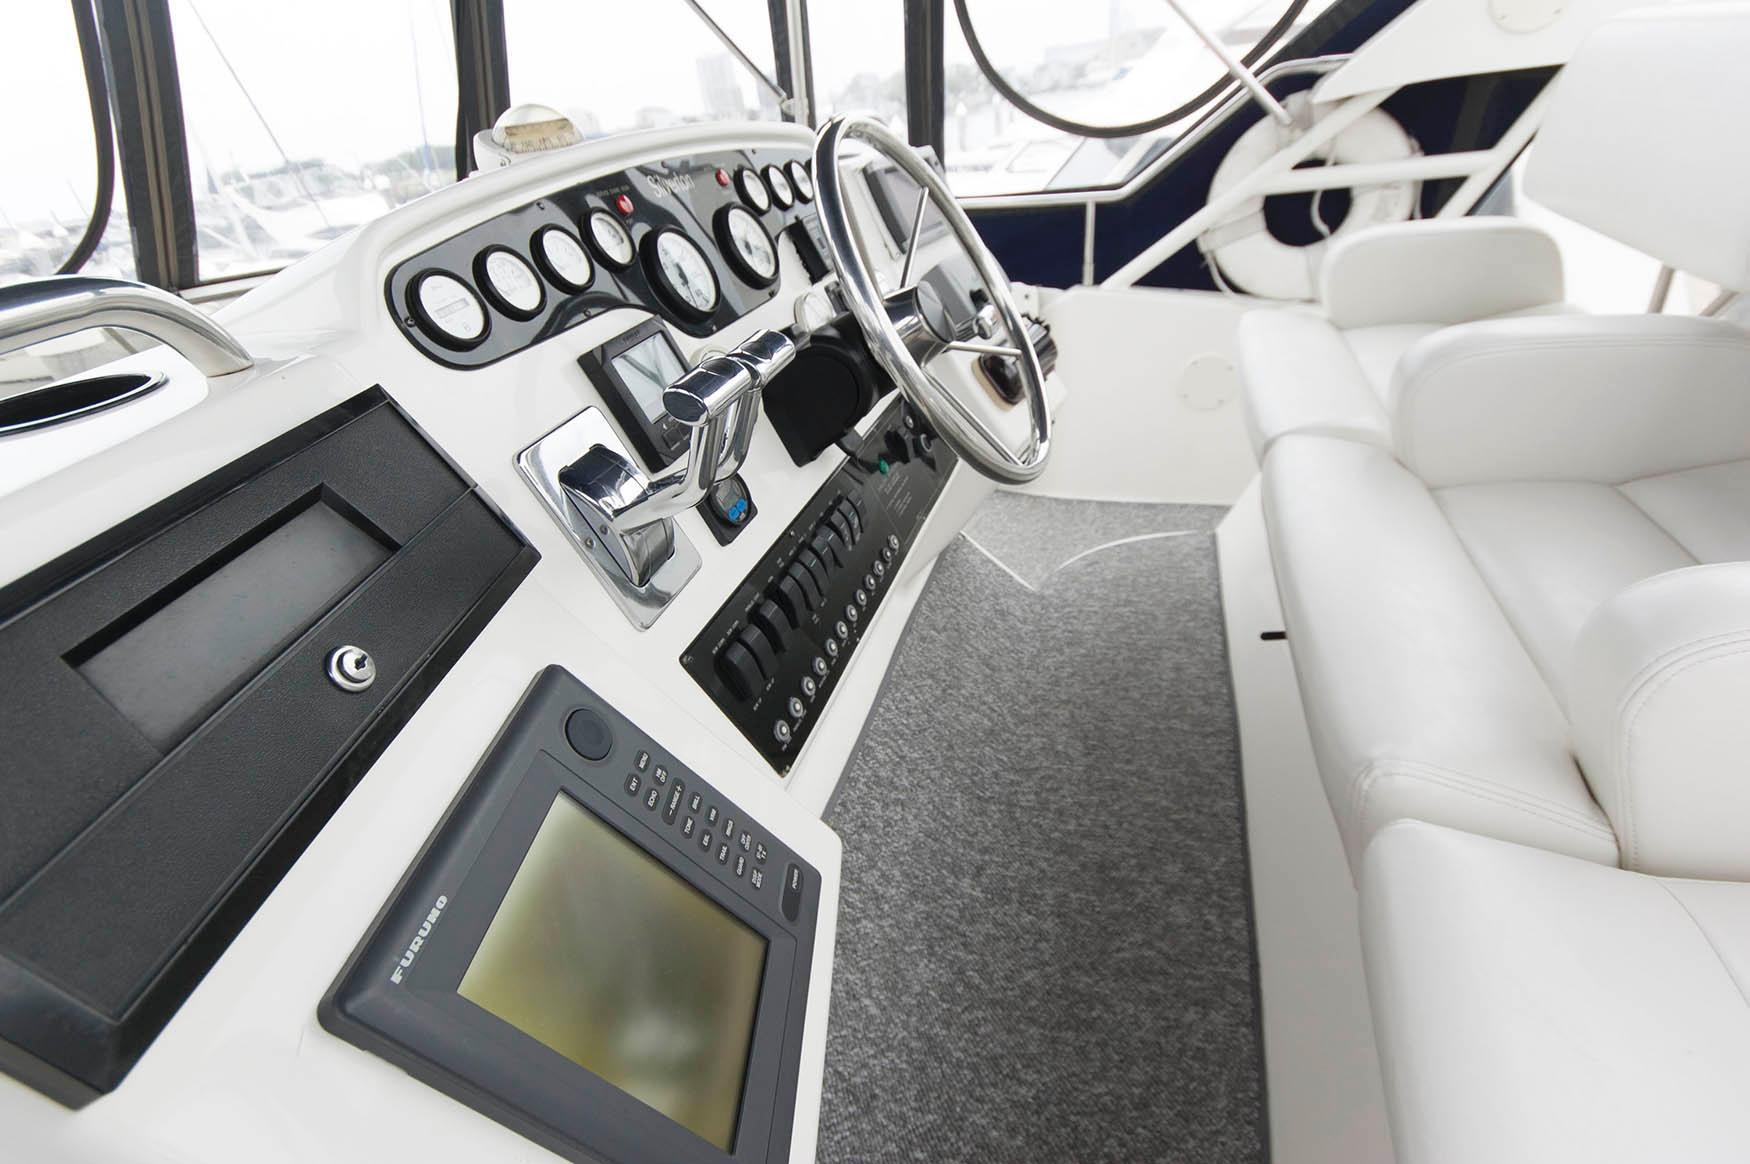 NJ 5718 KG Knot 10 Yacht Sales